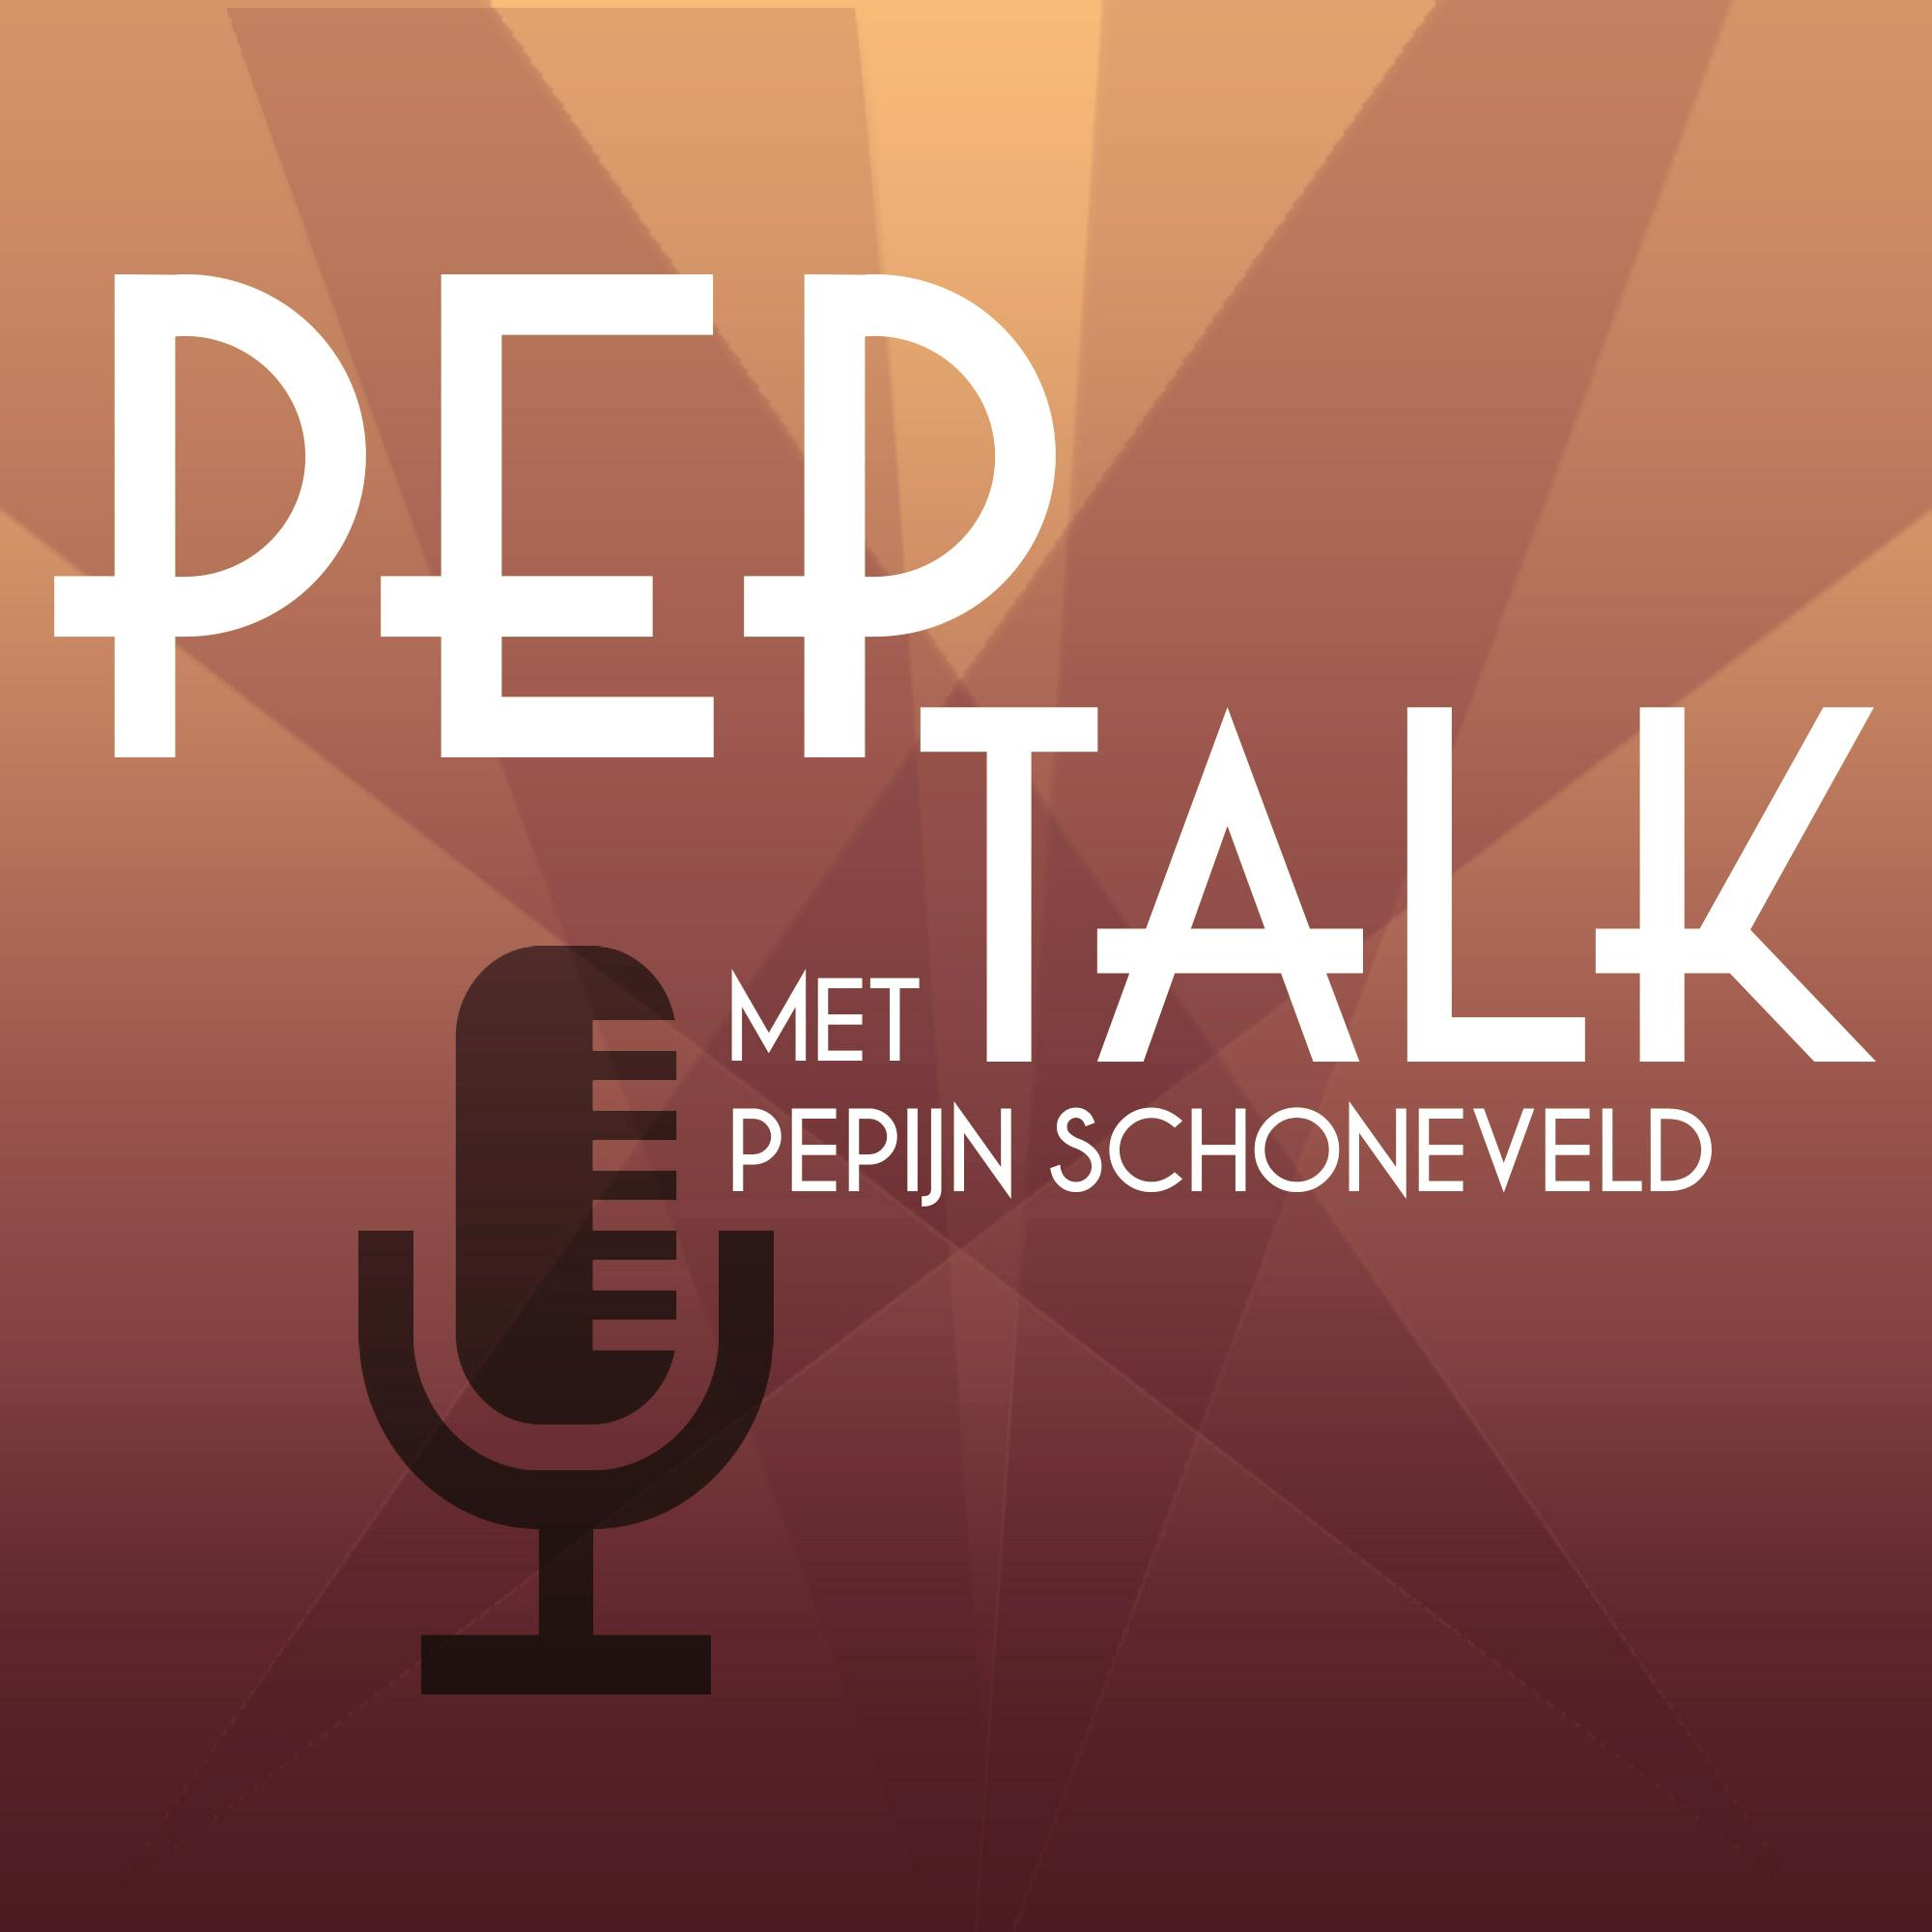 PepTalk met Pepijn Schoneveld